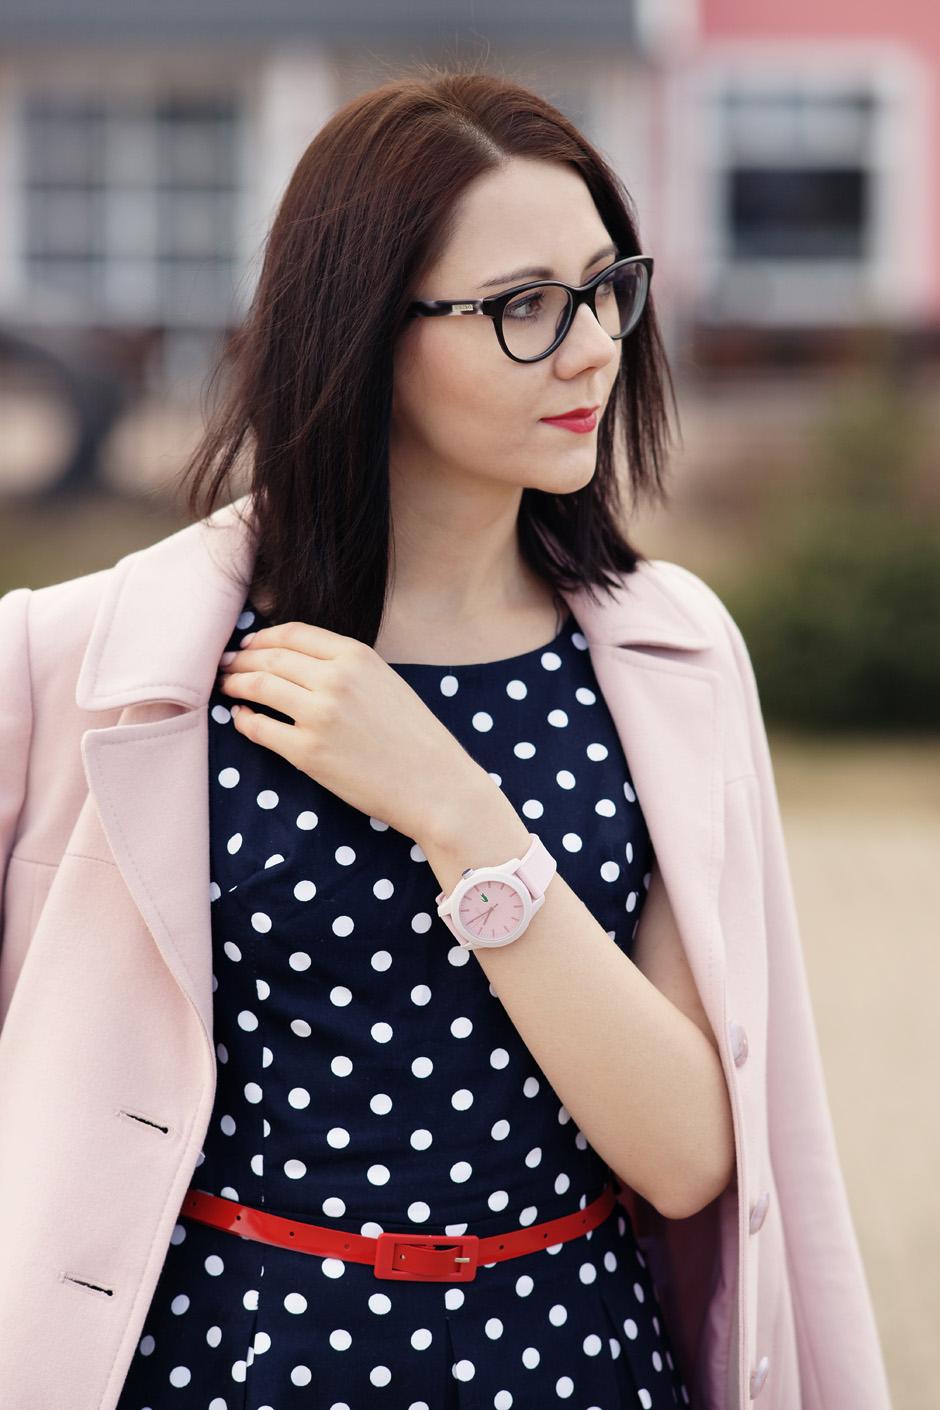 pudrowy płaszcz, sukienka w groszki stylizacja innooka (8)